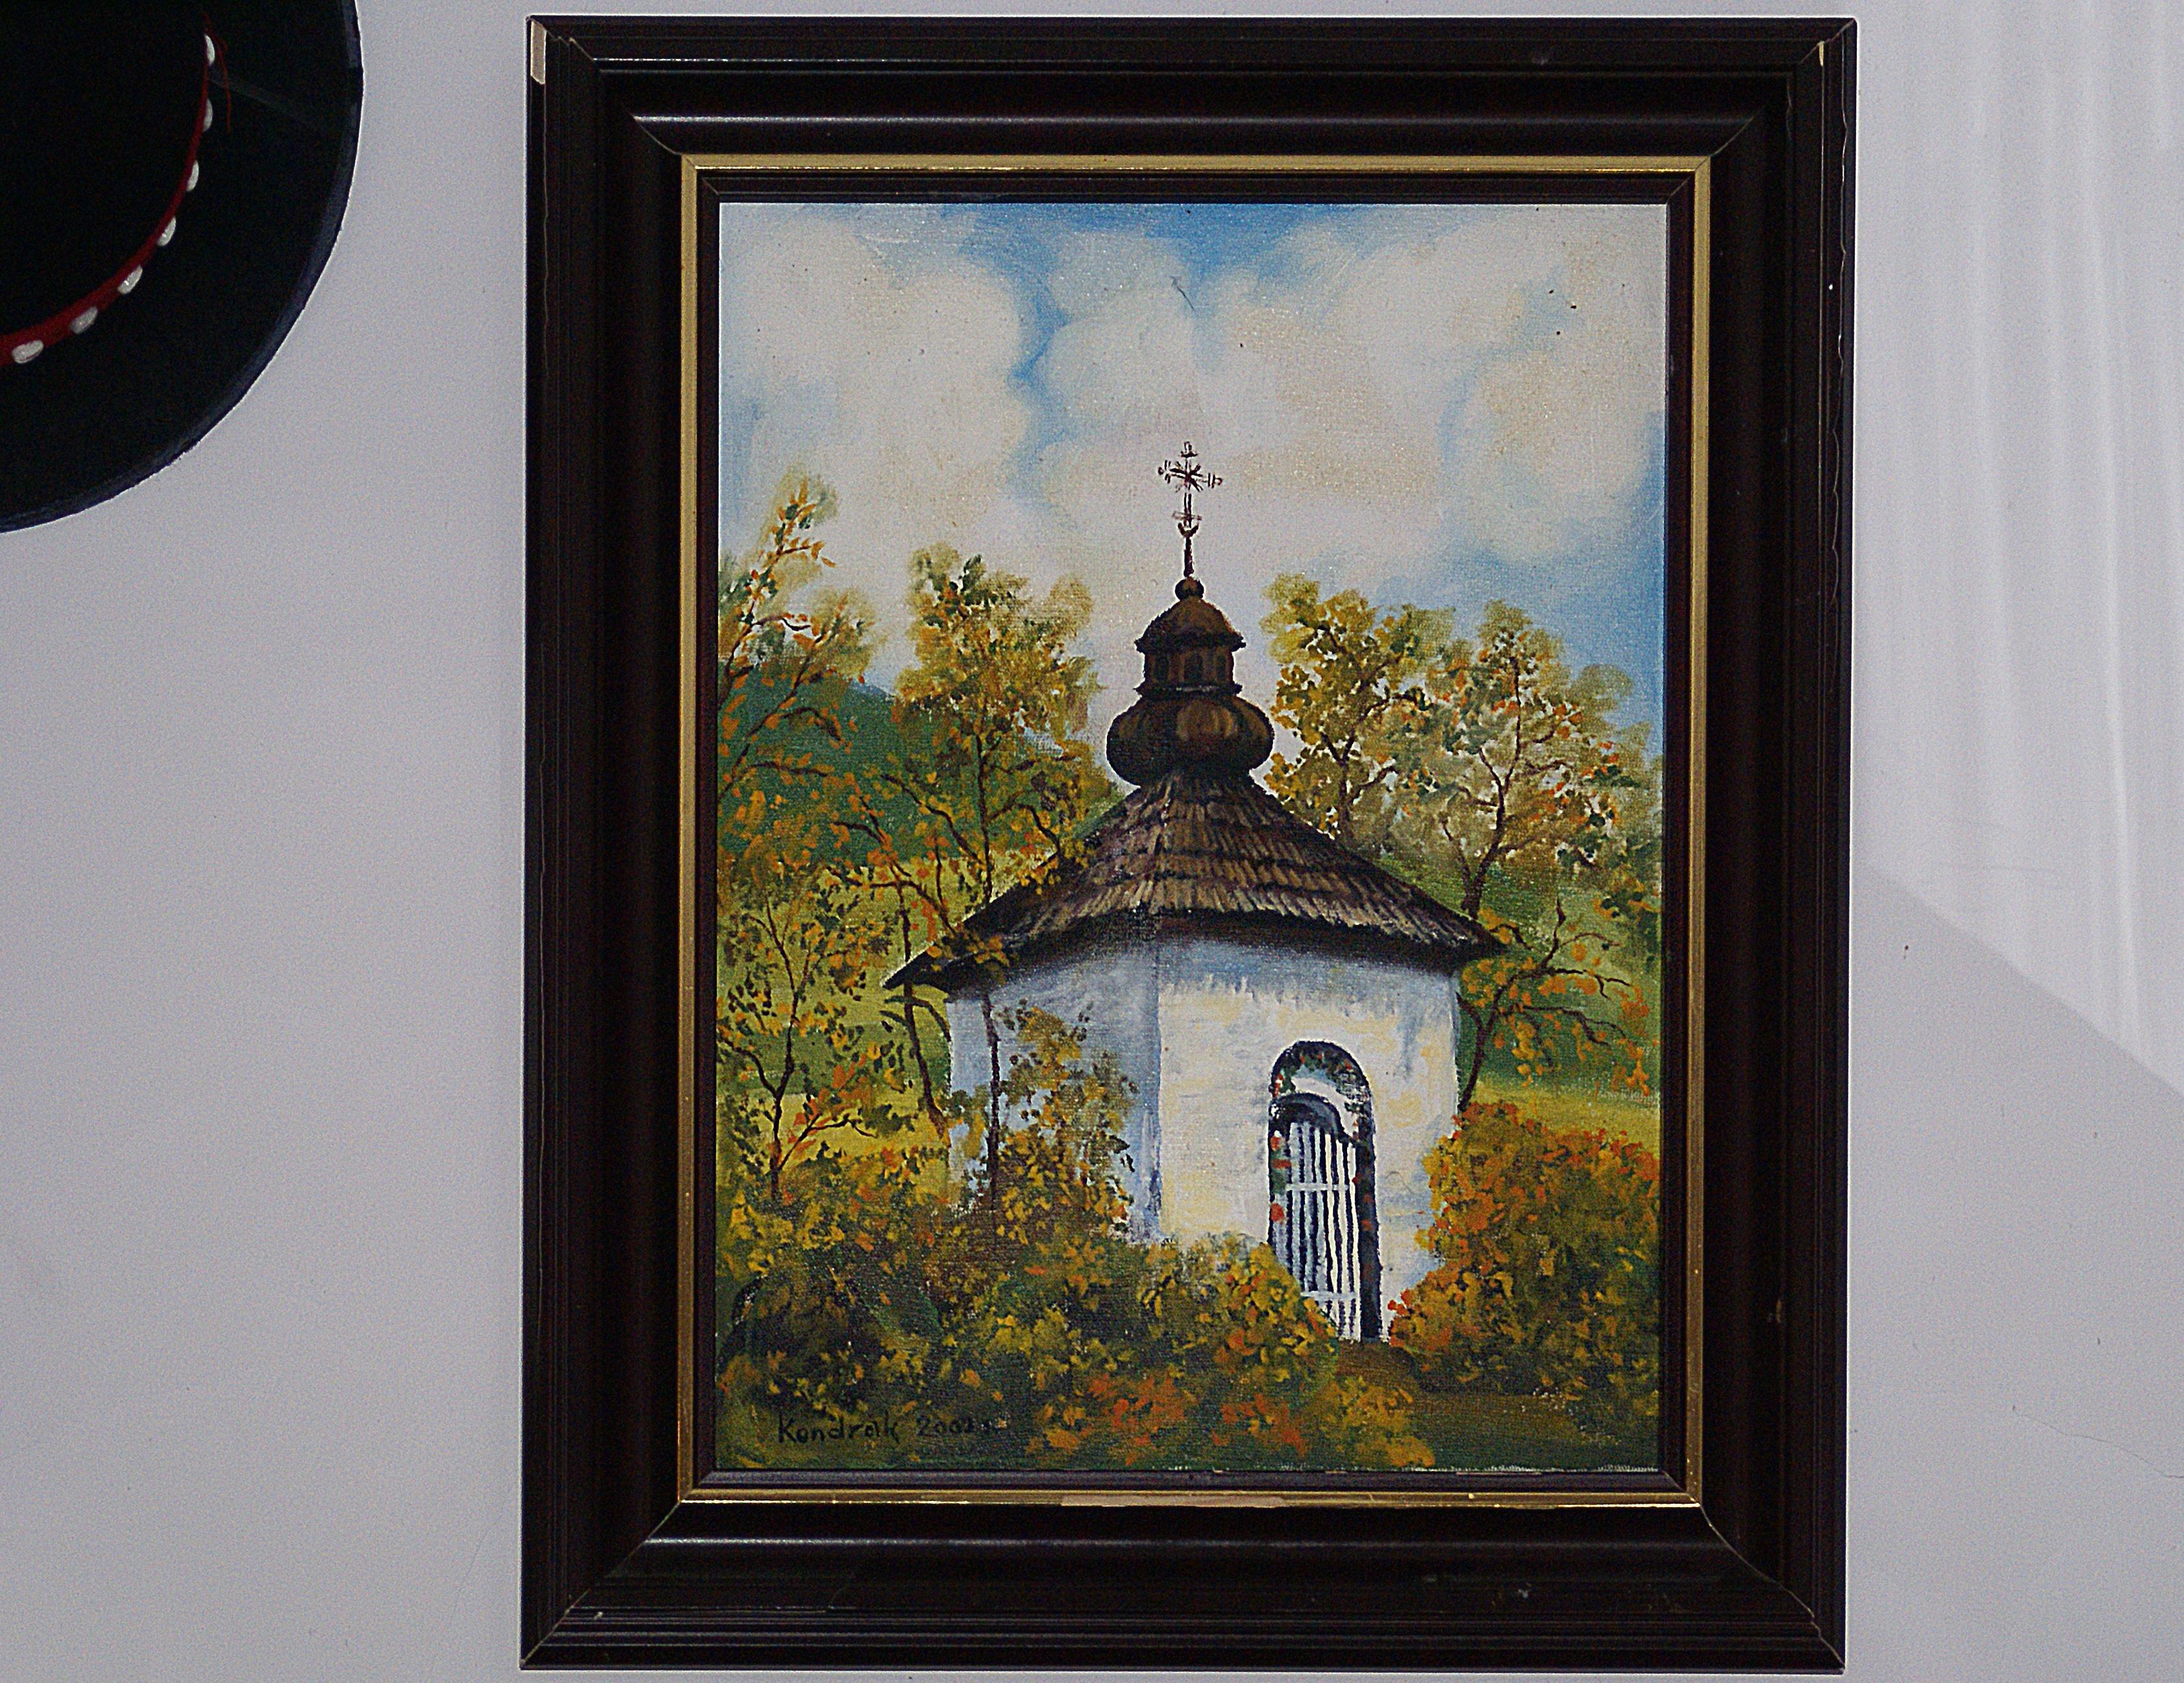 Fotos gratis : ventana, pared, decoración, capilla, material ...